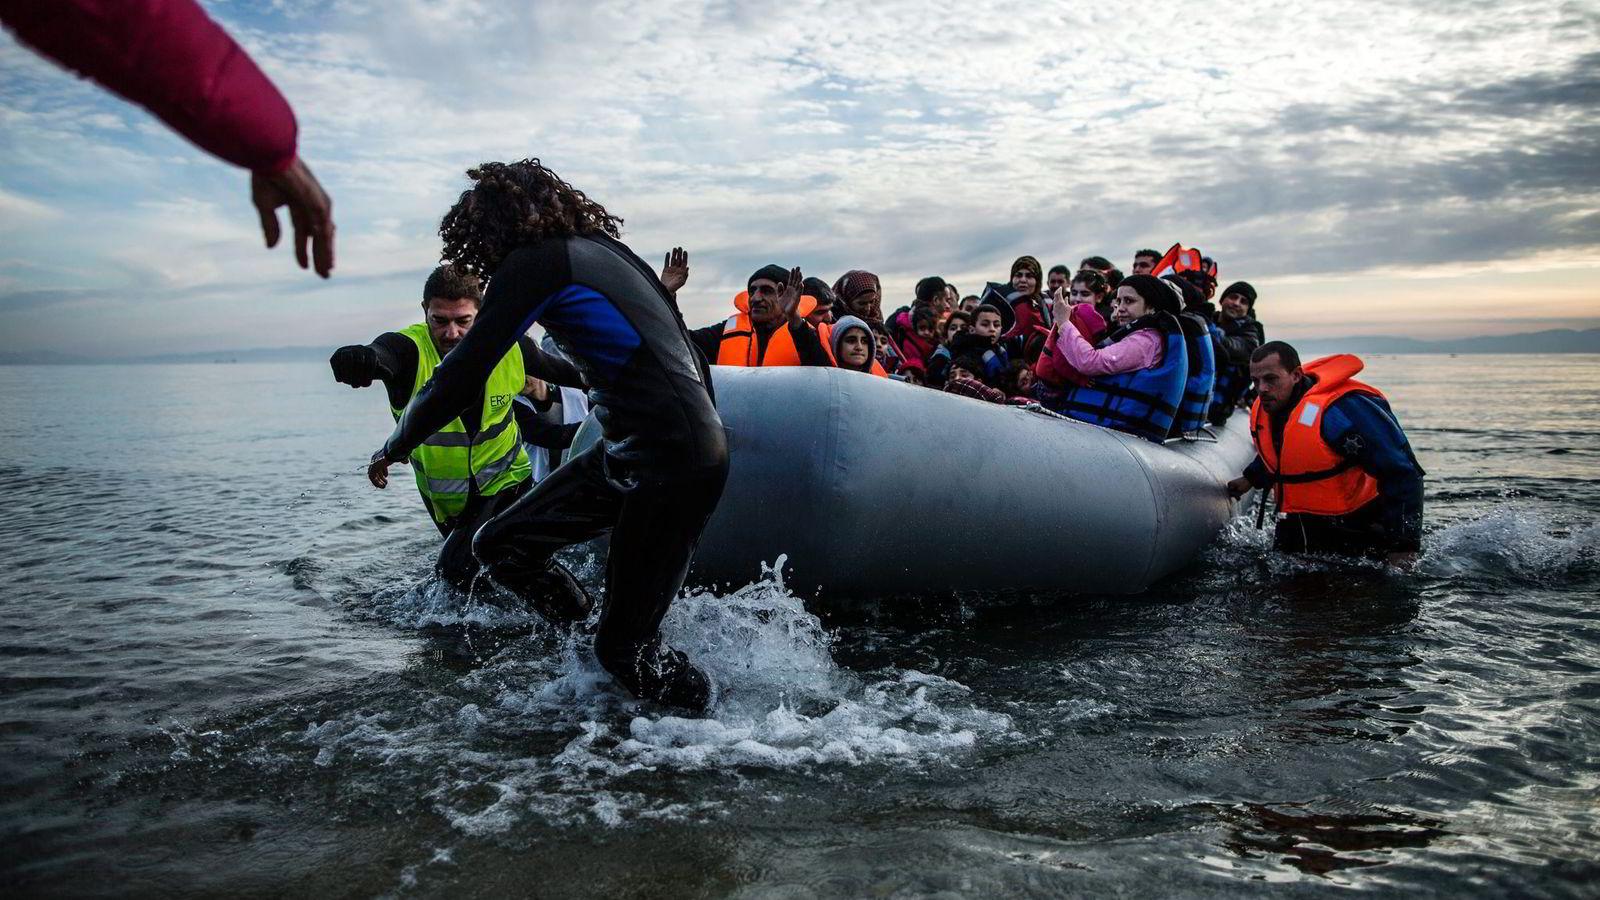 Av de omtrent én million flyktninger som kom til Europa ifjor, har 90 prosent kjøpt tjenester fra kriminelle nettverk, ifølge det europeiske politisamarbeidet Europol. Foto: Manu Brado/AP/NTB Scanpix